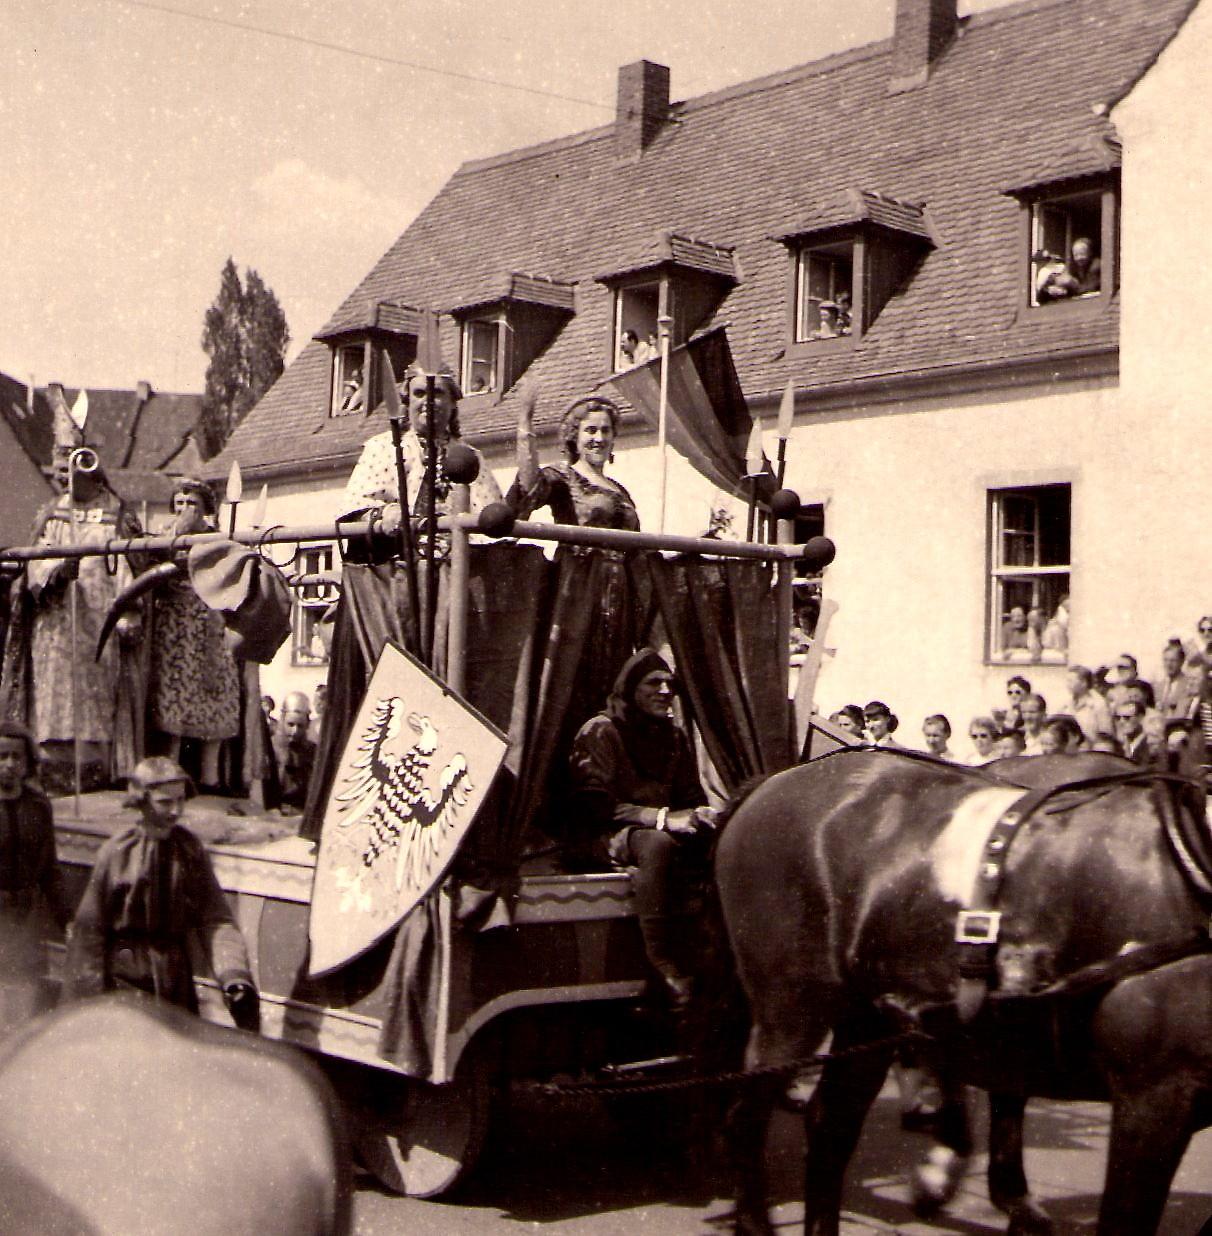 Gruppe 10 - Der Fürstentag -Eine Gruppe von Landsknechten. Der Bürgermeister der Stadt mit Ratsherren. Hier der Wagen mit dem Erzbischof von Mainz und dem Fürsten von Anhalt